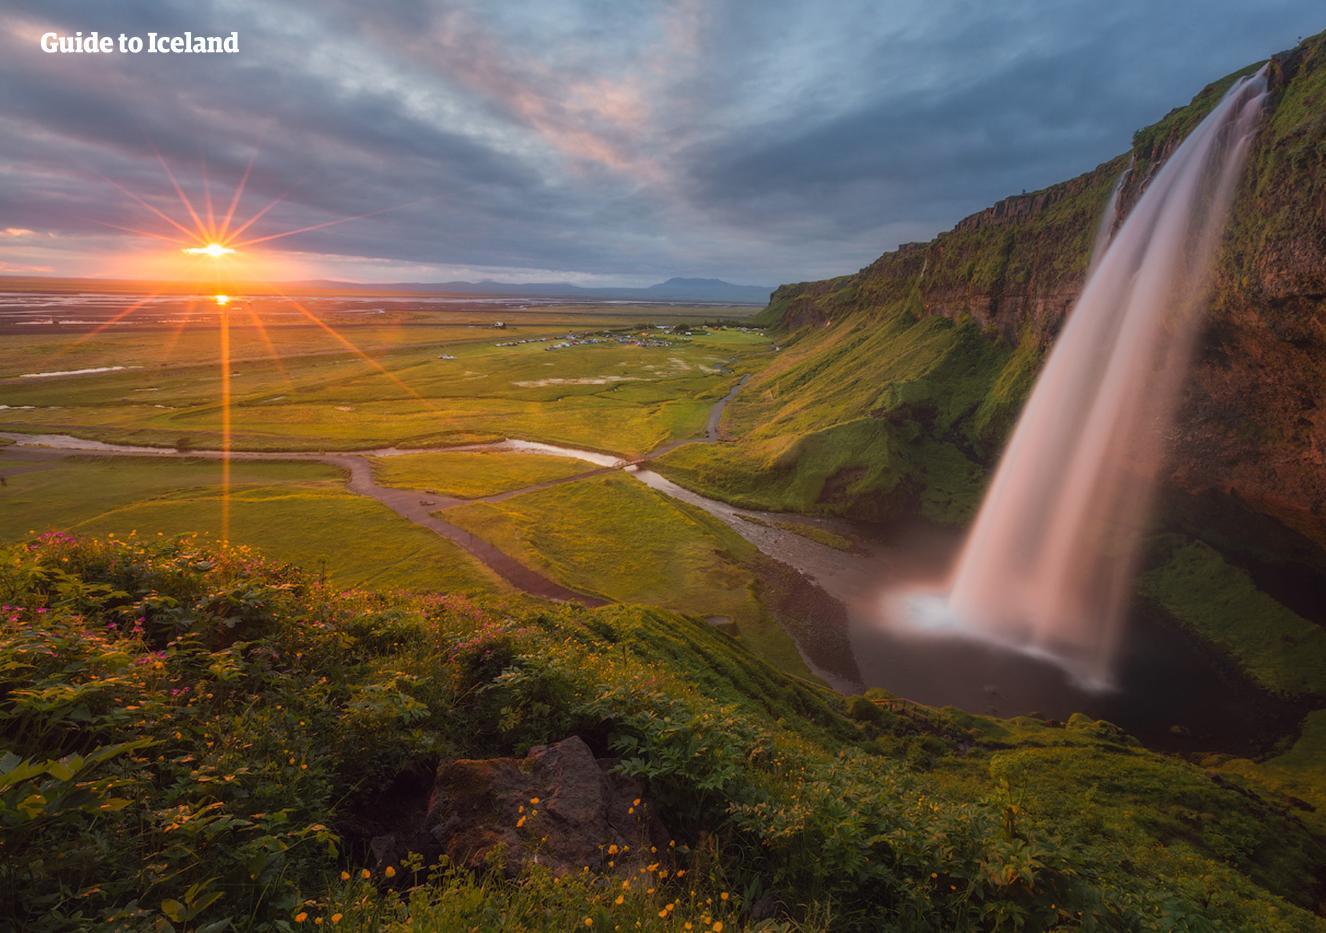 Seljalandsfoss vattenfall har en fallhöjd på 60 meter och forsar över en konkav klippa som brukade betraktas som kanten av Islands sydkust.